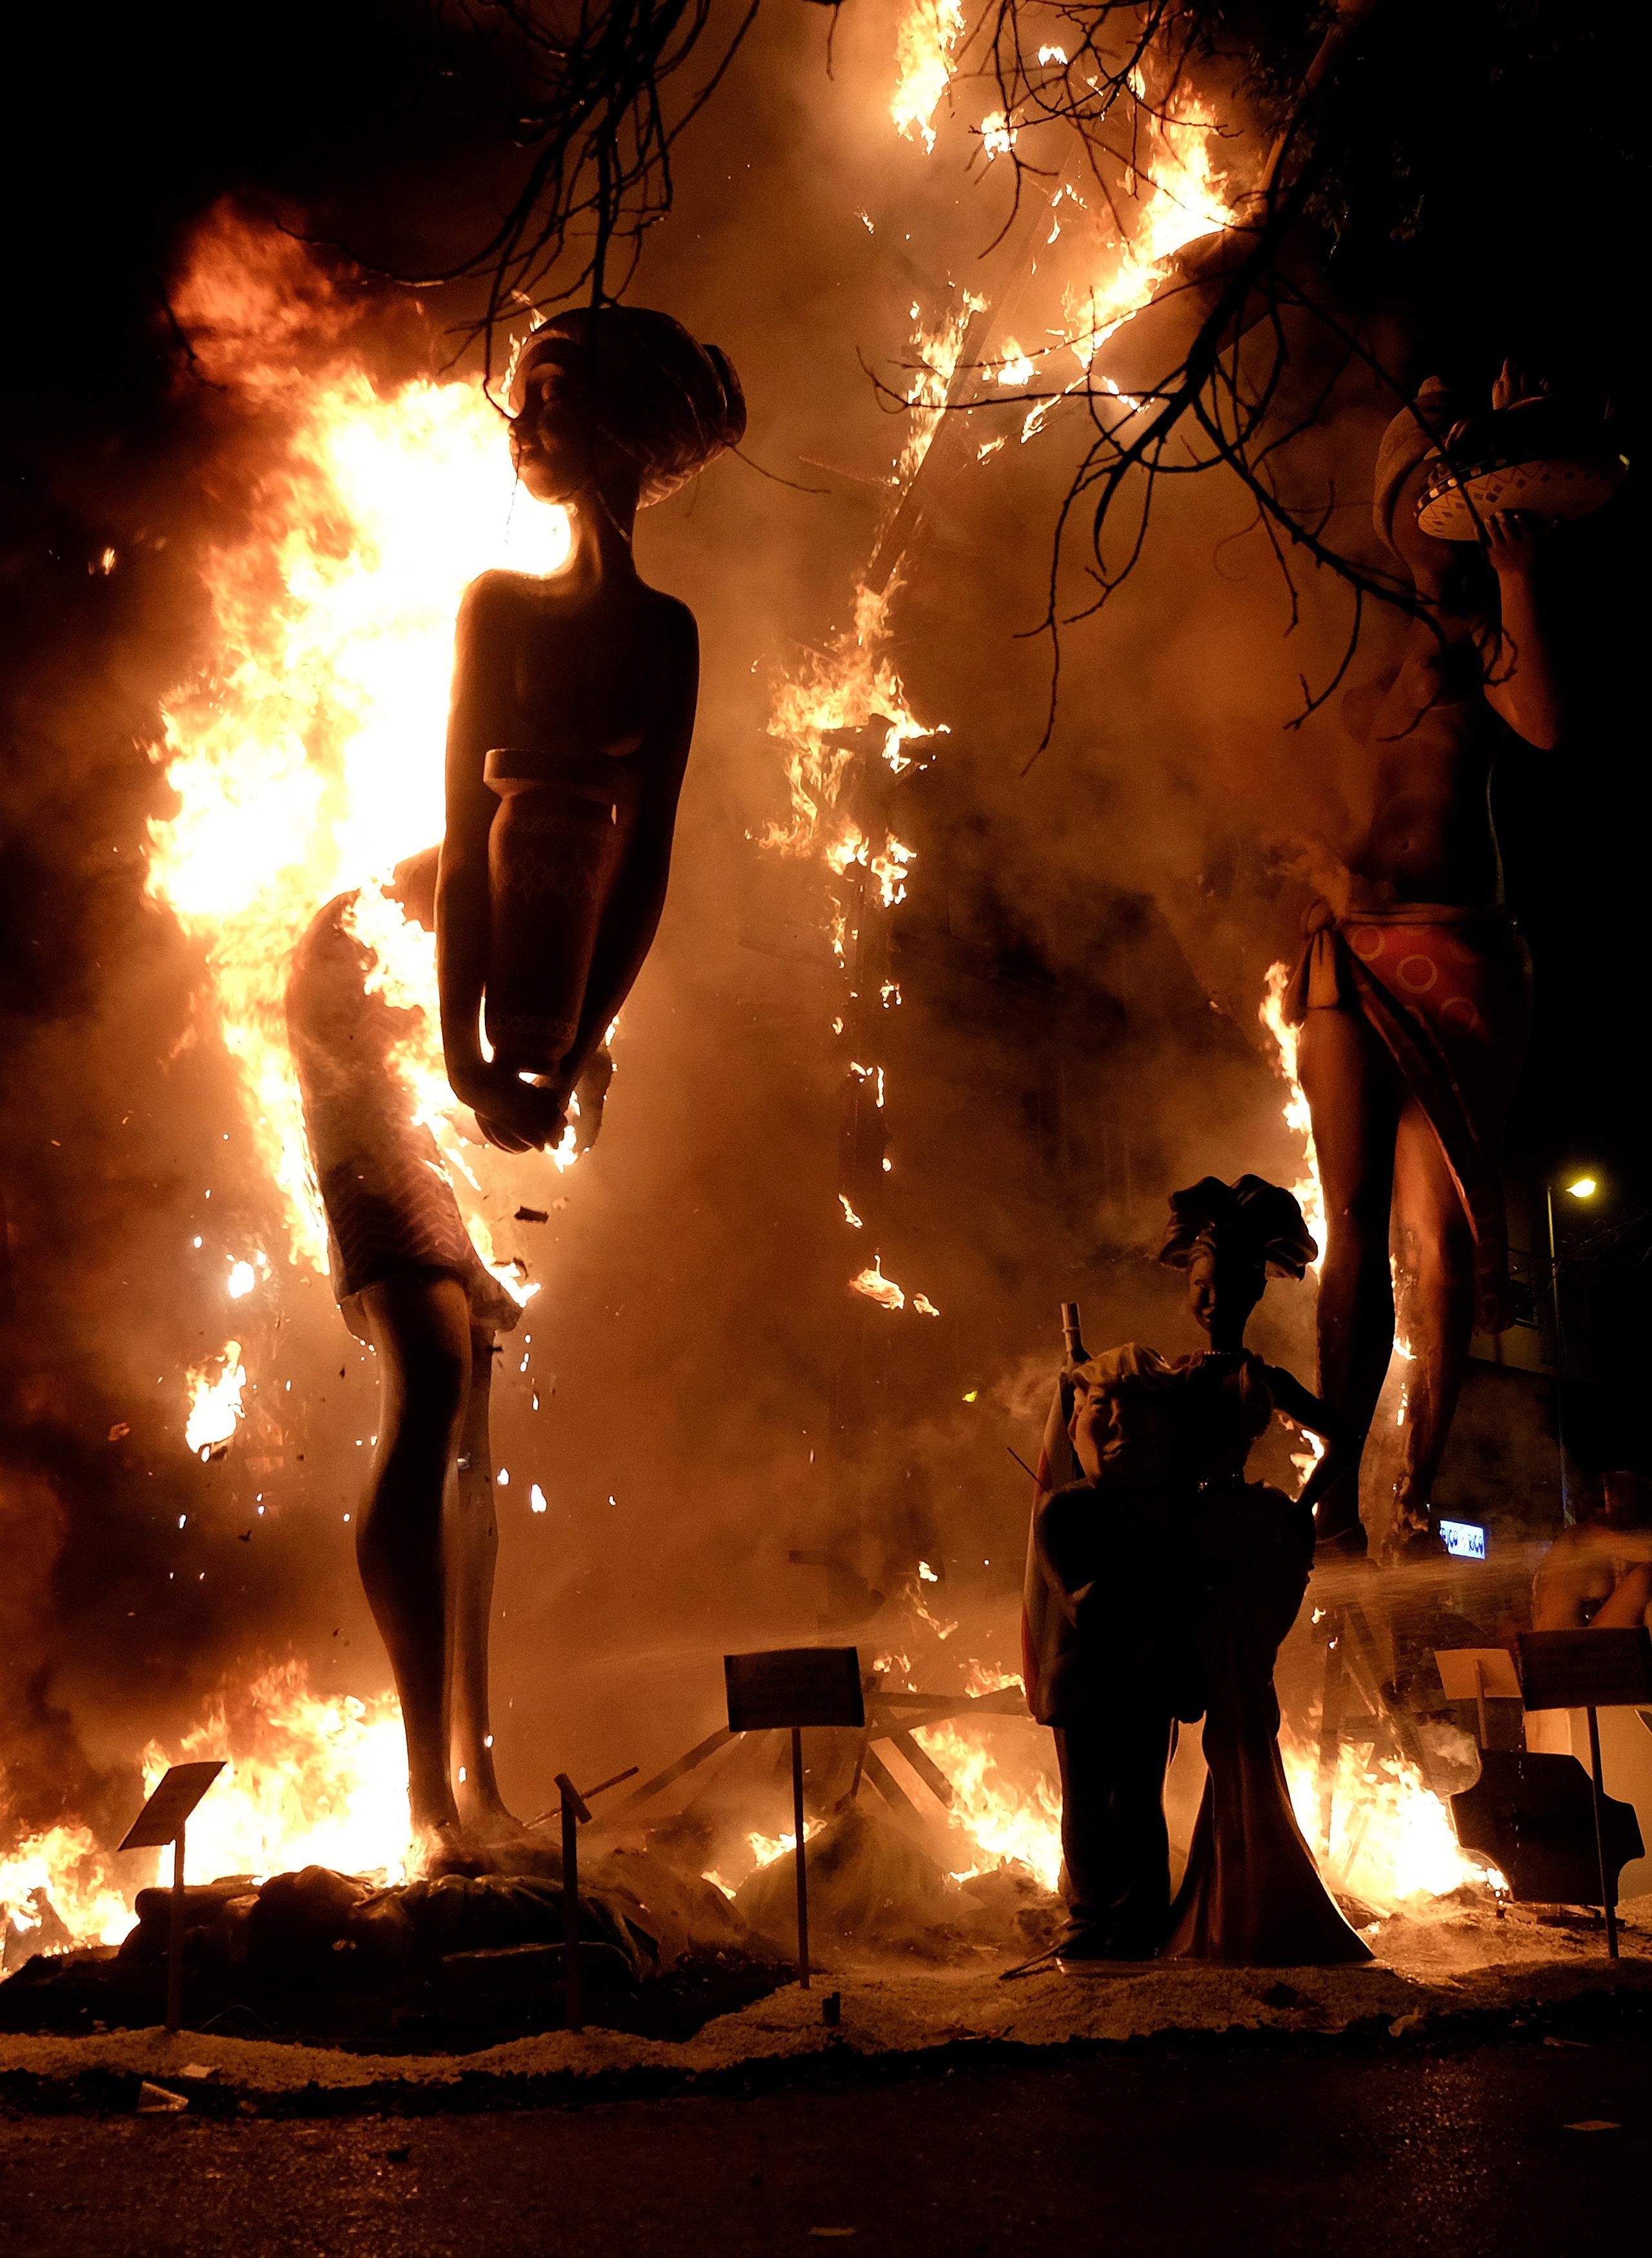 لحظة اشعال النيران فى  تماثيل لشخصيات عامة